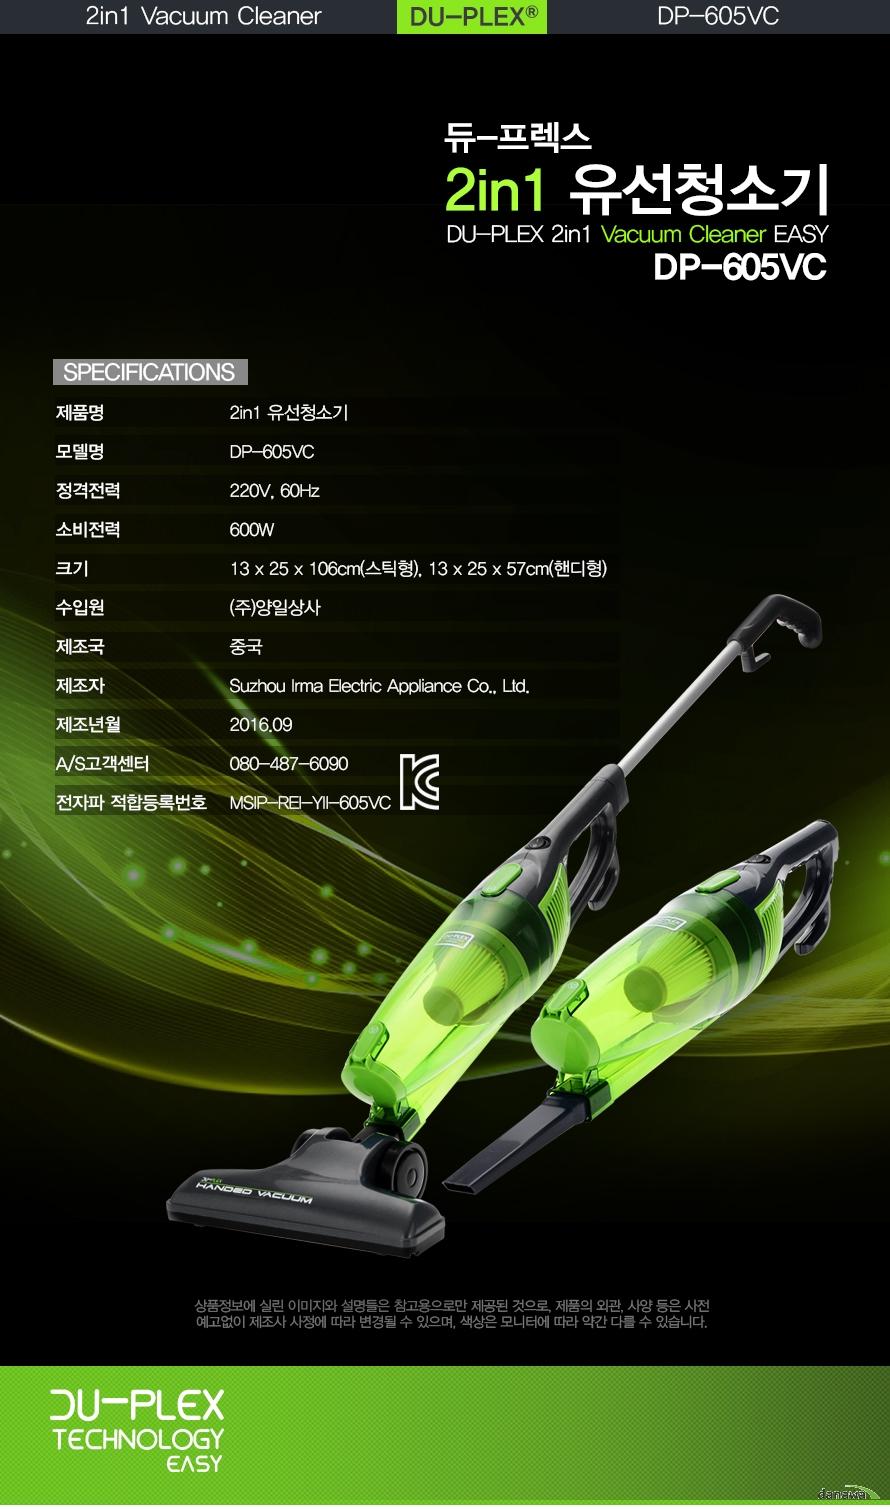 듀프렉스 2in1 유선청소기 DuPLEX 2in1 vacuum cleaner EASY DP-605VC    제품명 2in1 유선청소기    모델명 DP 605VC    정격전력 220V 60Hz    소비전력 600W    크기 13x25x106cm 스틱형 13x25x57cm 핸디형    수입원 (주)양일상사    제조국 중국    제조자 Suzhou lrma electric Apppliance co., ltd.    제조년월 2016. 09    고객센터 080 487 6090    전자파 적합등록번호 MSIP REI YII 605VC